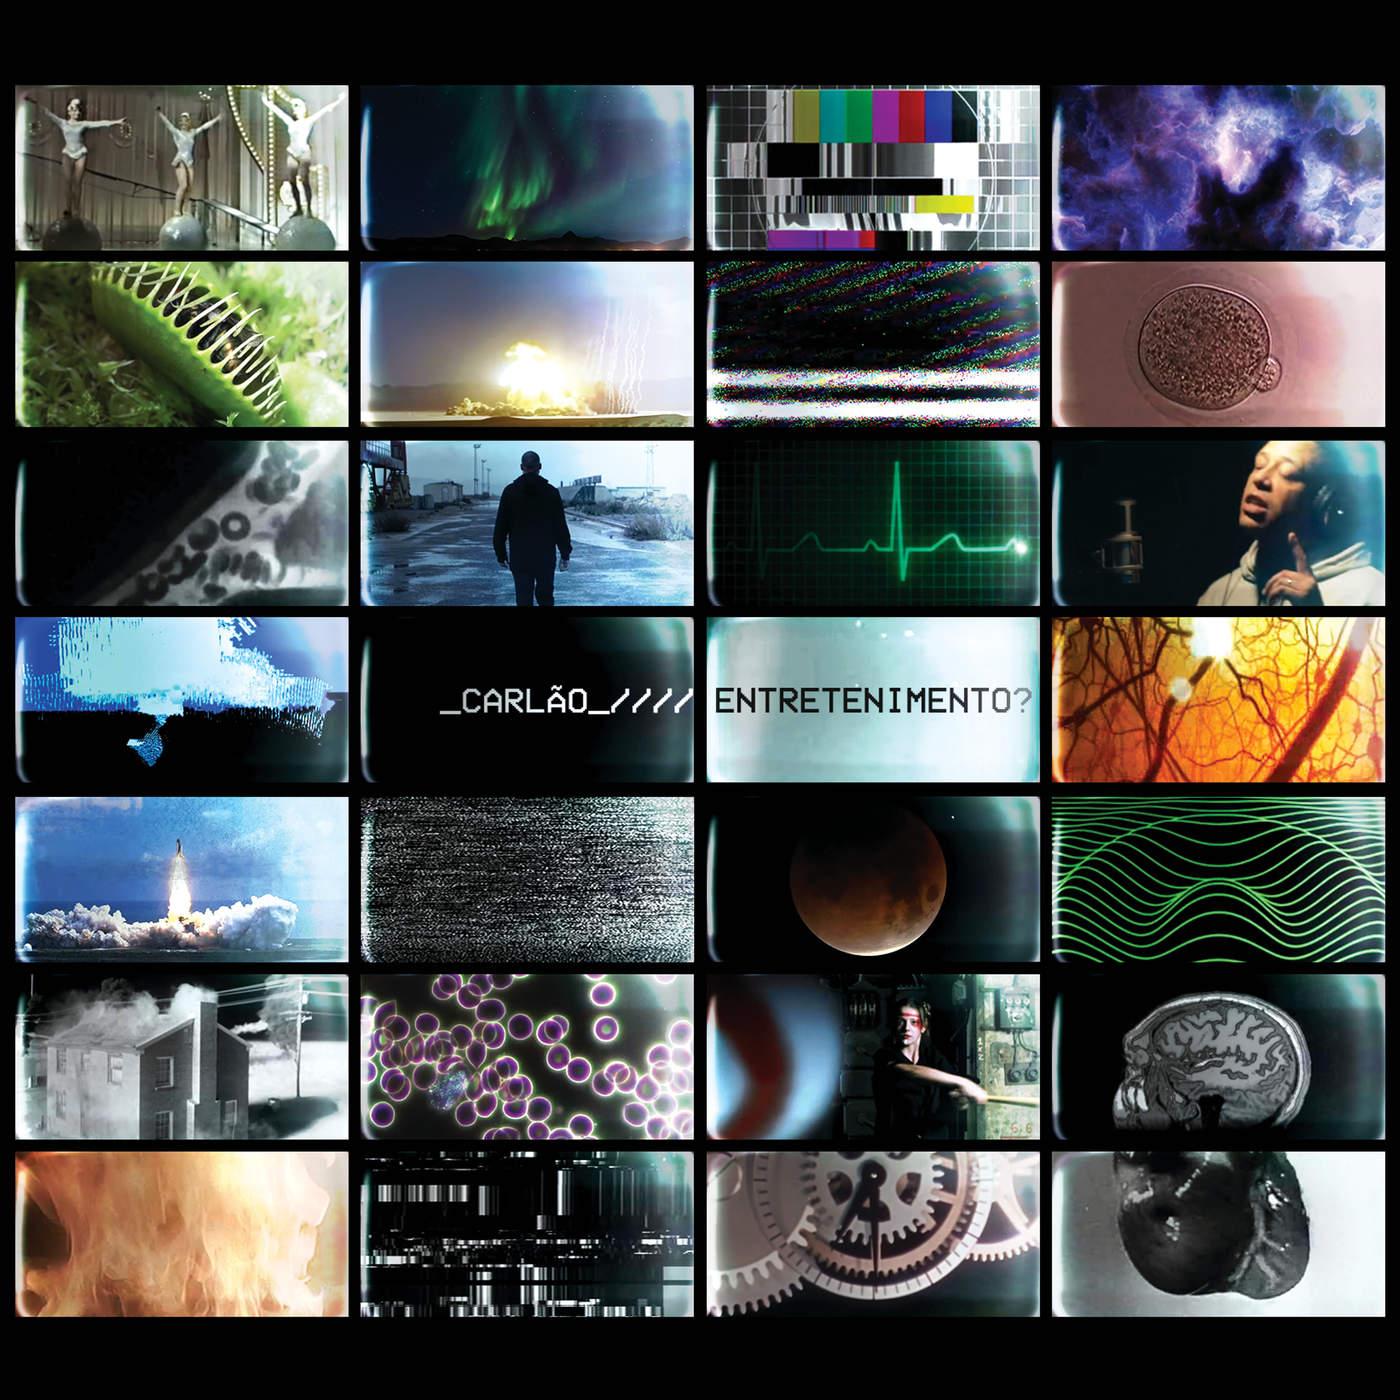 067-CARLÃO - Entretenimento_